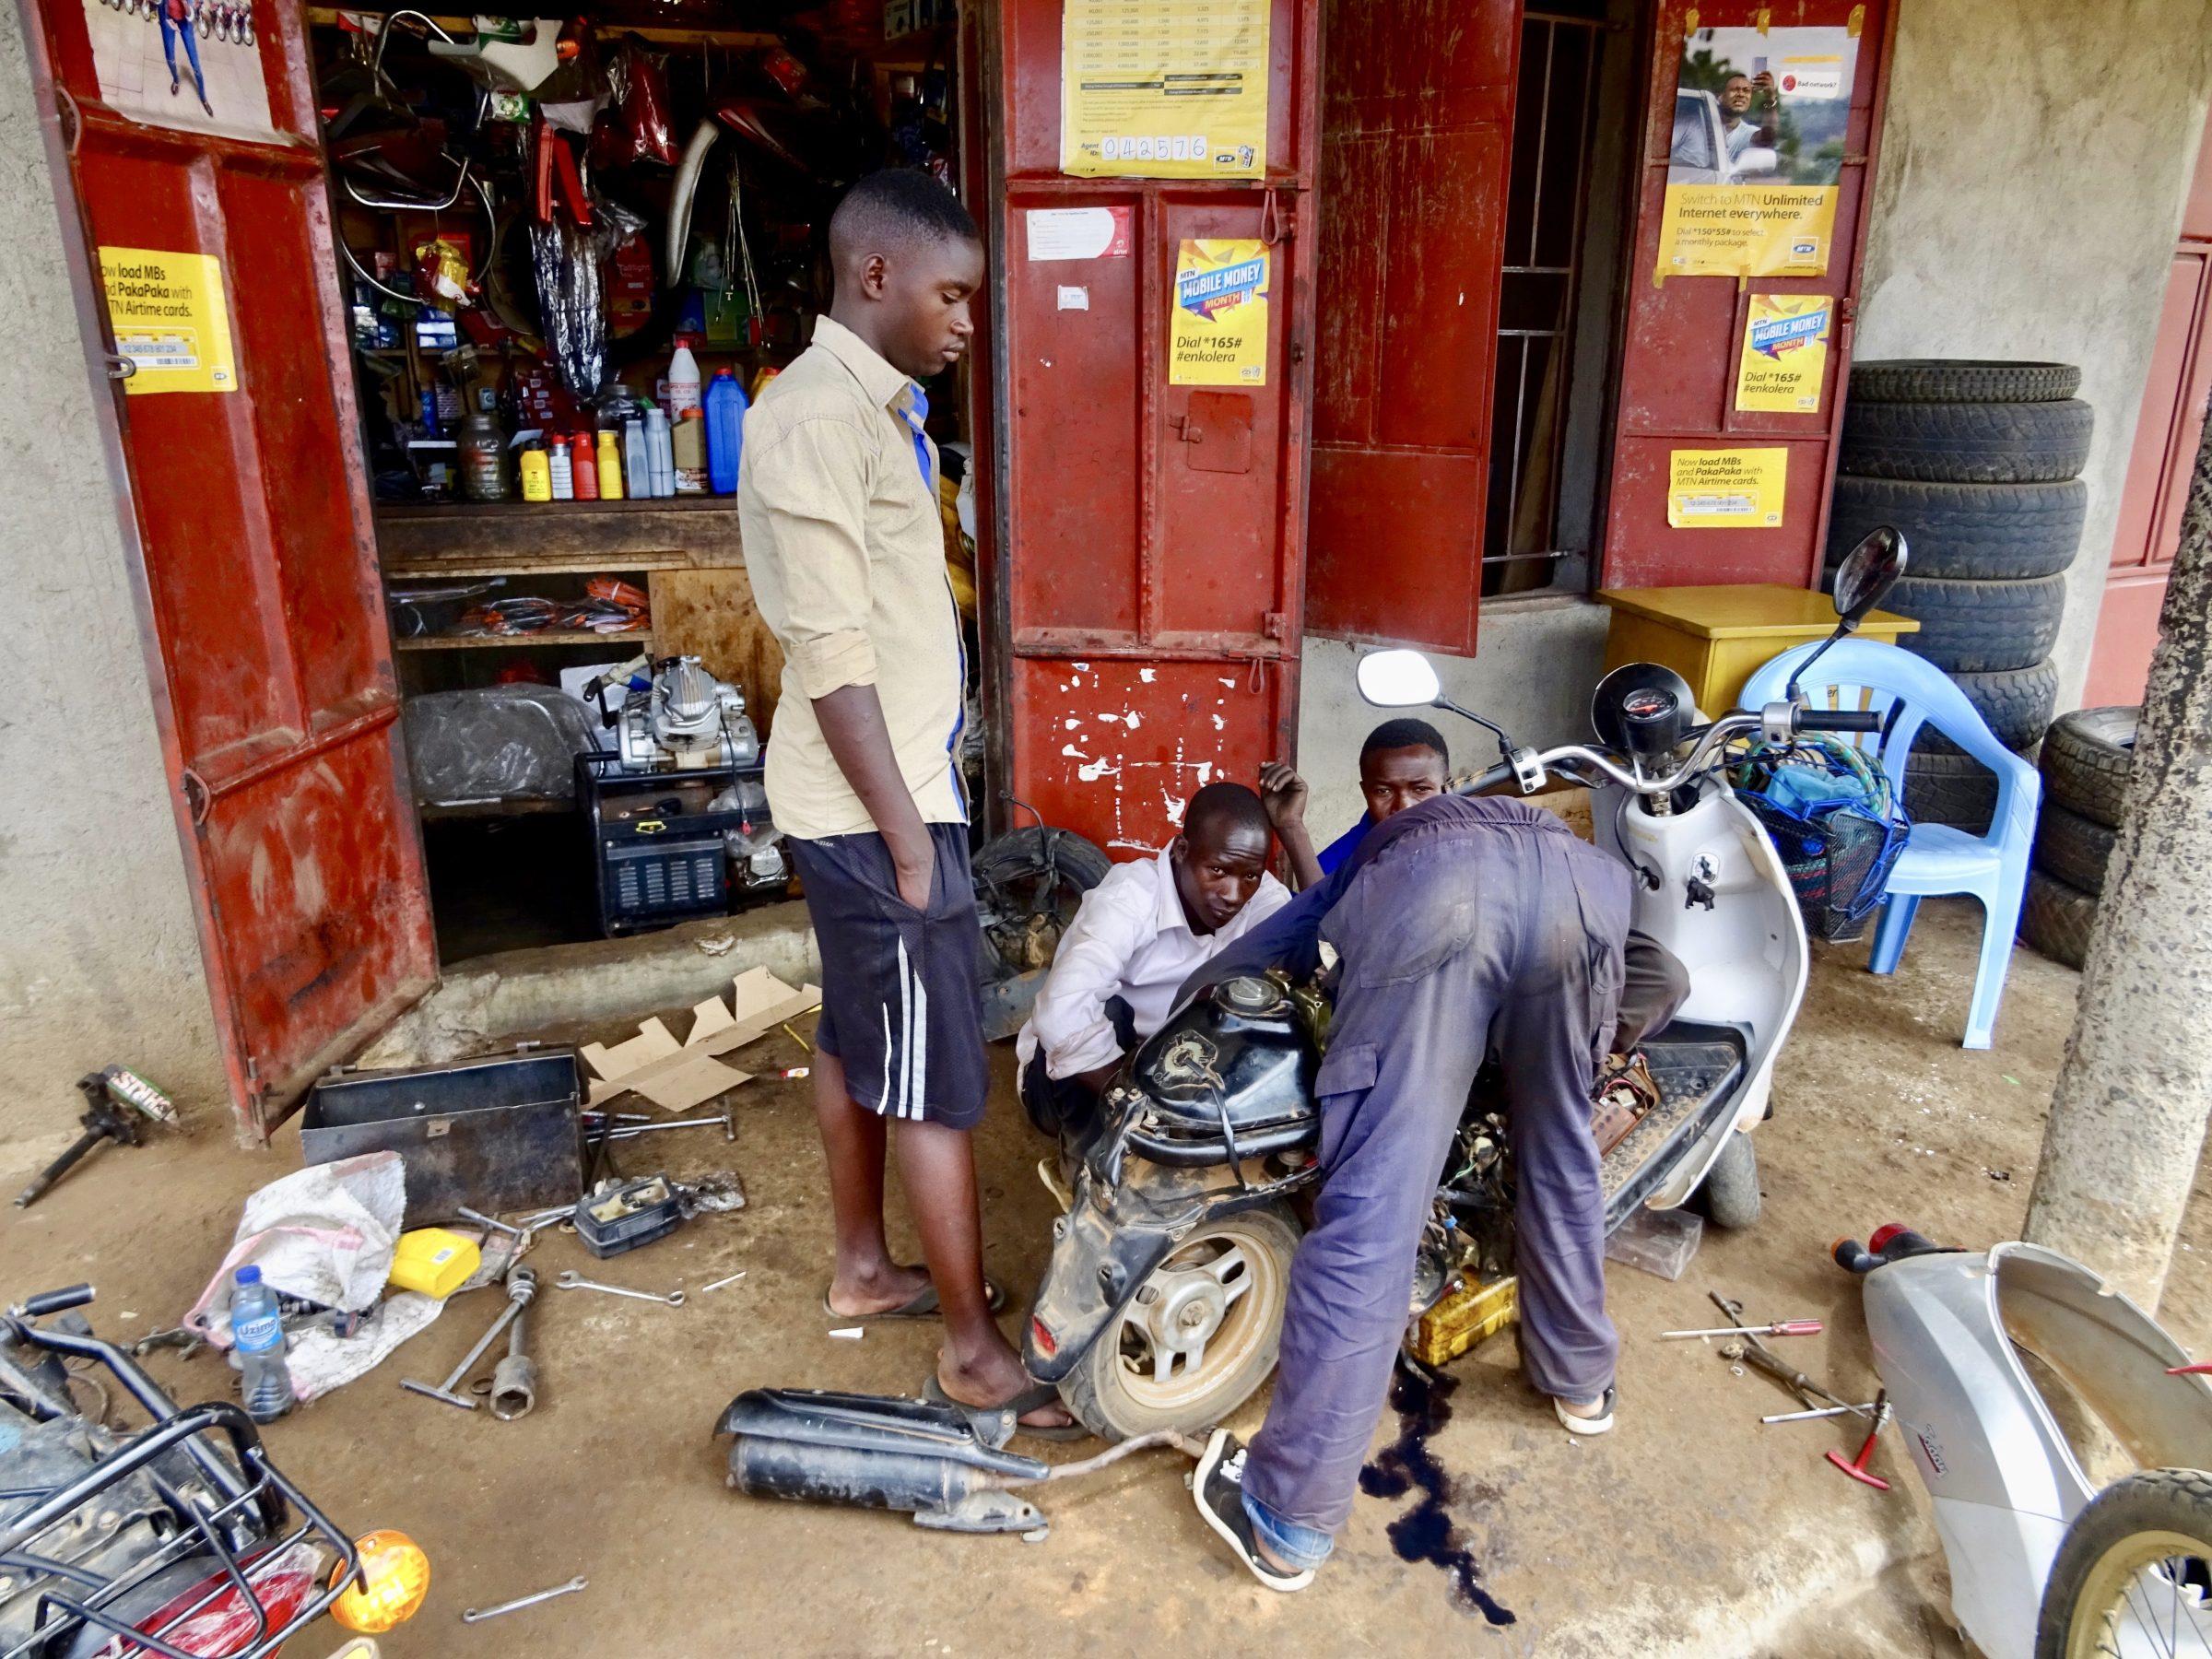 De reparatie van mijn scooter is in volle gang in Moroto